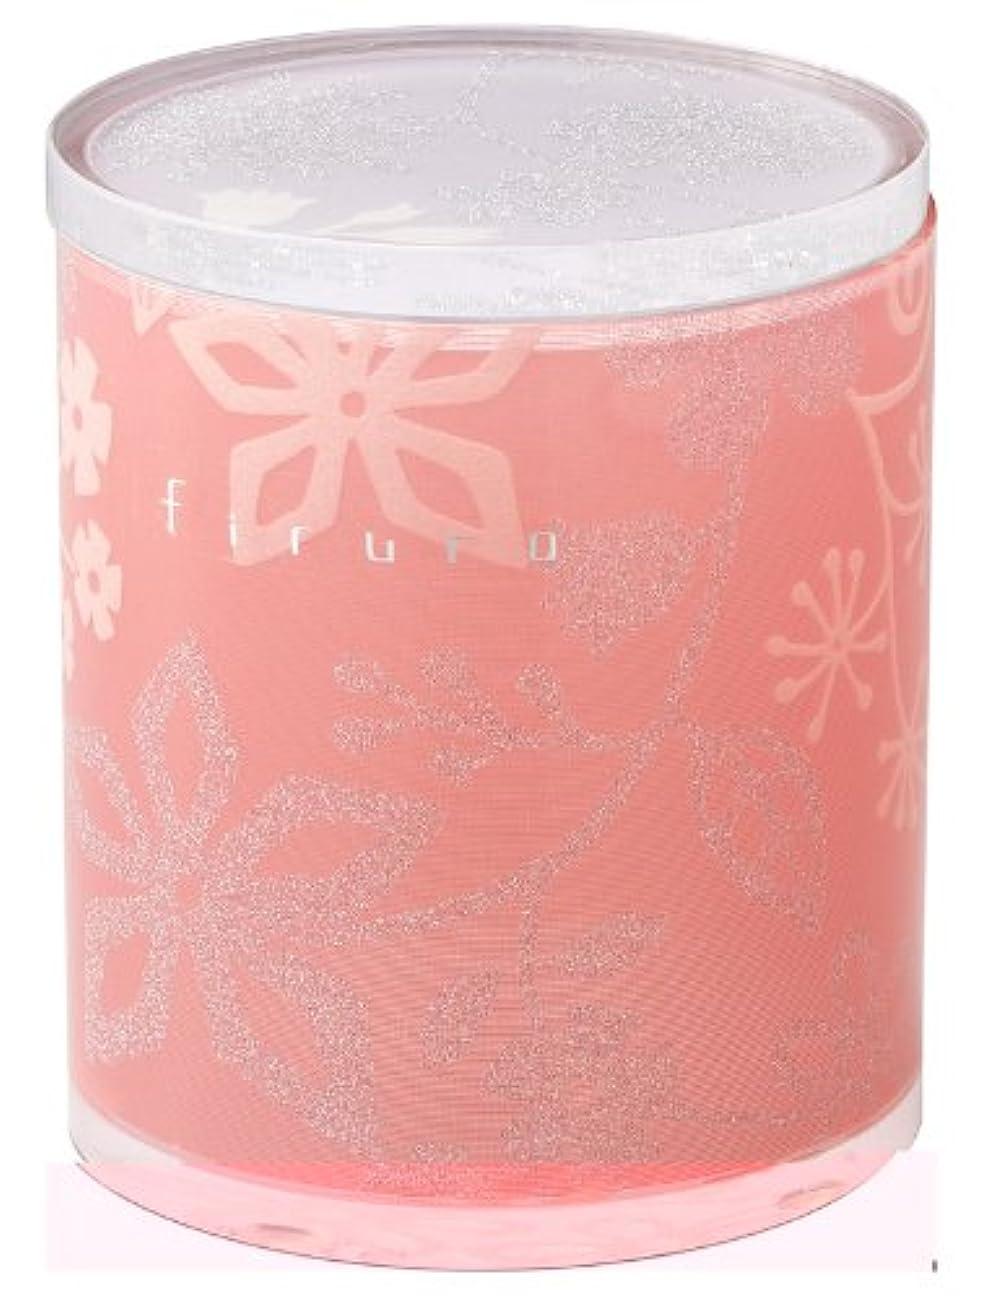 愛国的なリーン高くリス『美しい花柄のアクリル製ケース』 フィルロ 綿棒?コットンケース ピンクフラワー